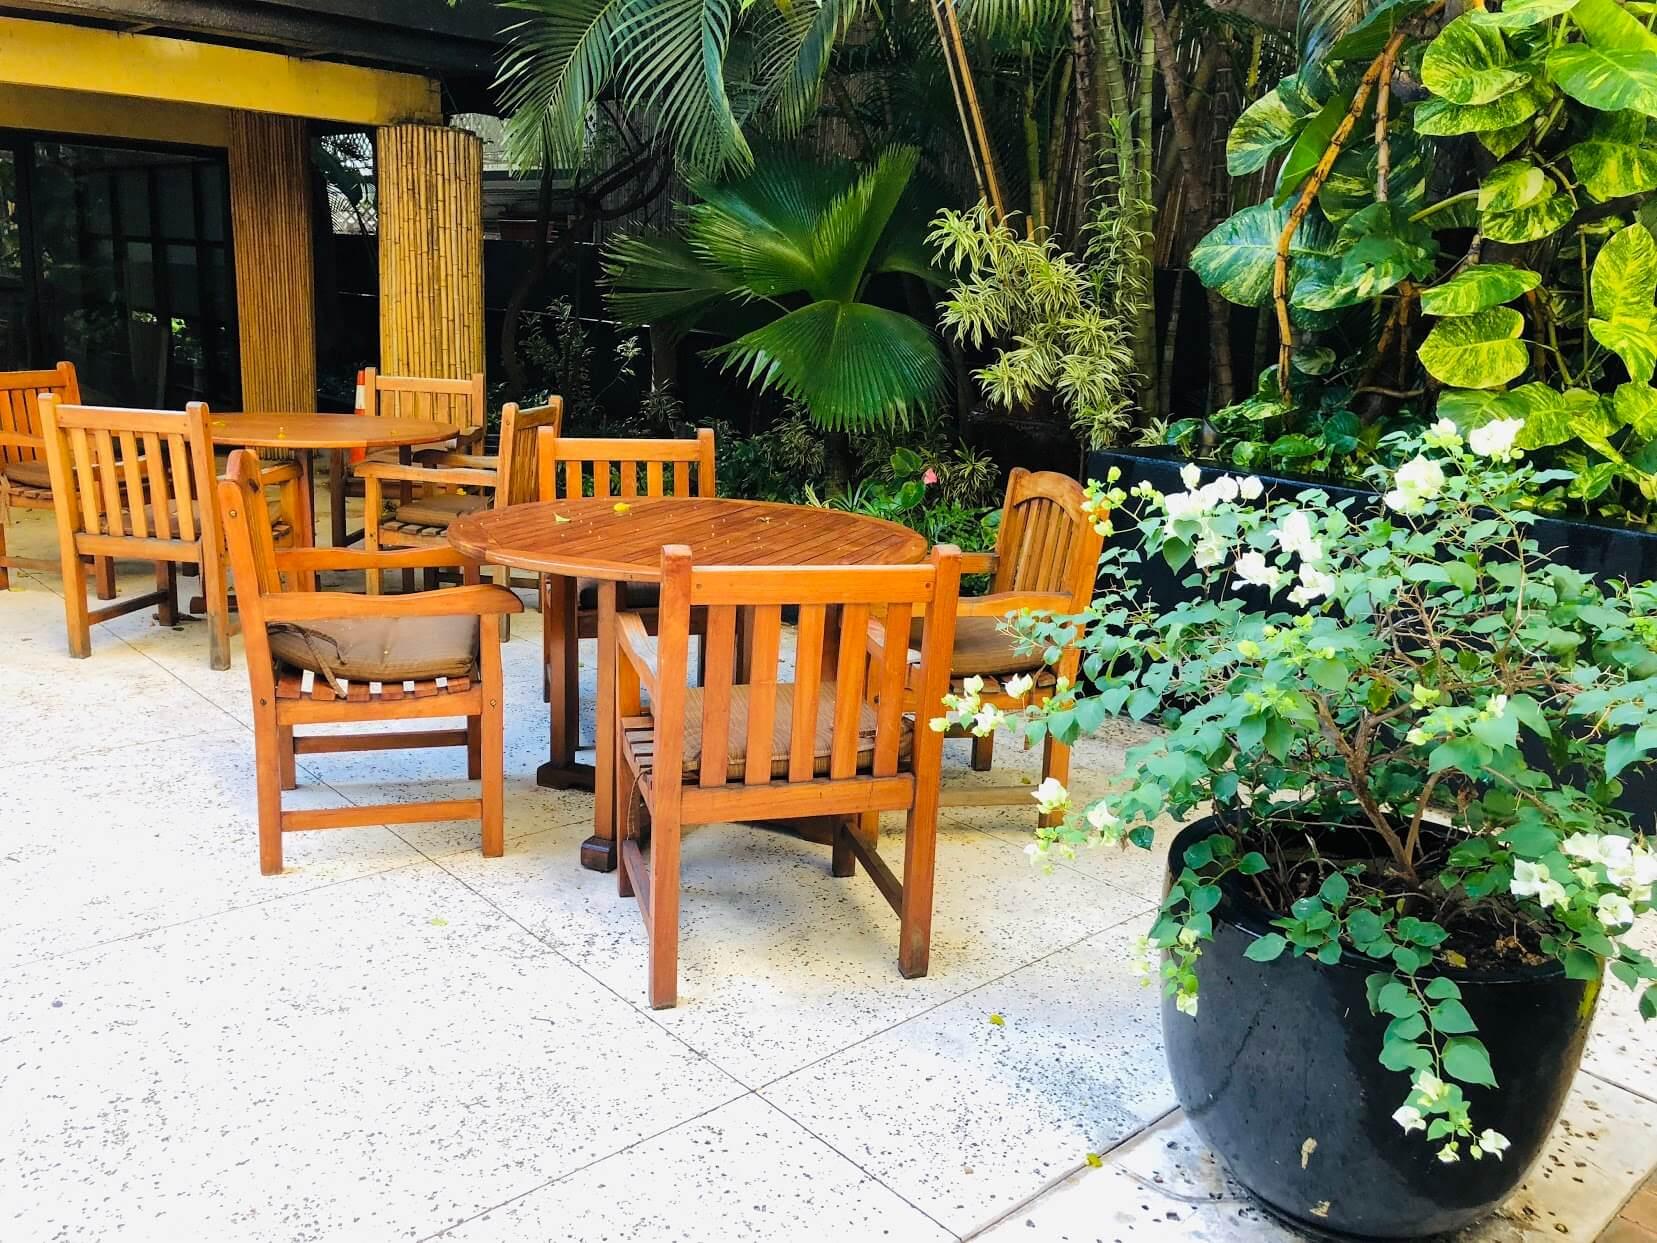 Bamboo Waikikiのテラス